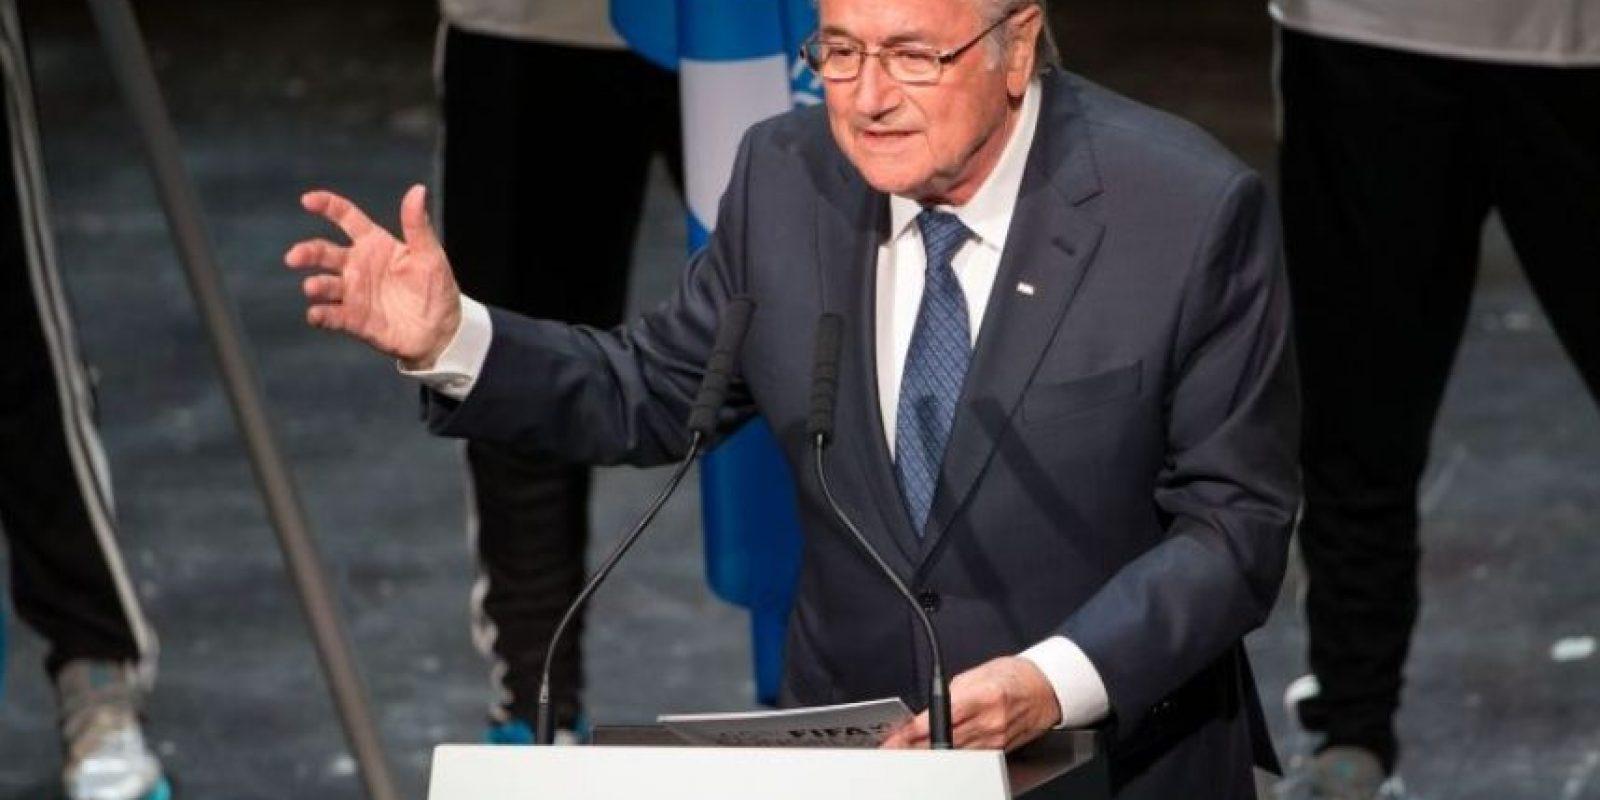 """""""Yo, generalmente, no asistía a las cenas en las que Blatter escuchaba las peticiones. Cuando llegaba, me marchaba al siguiente país que iba a visitar para prepararle el terreno"""", añadió el informante. Foto:AFP"""